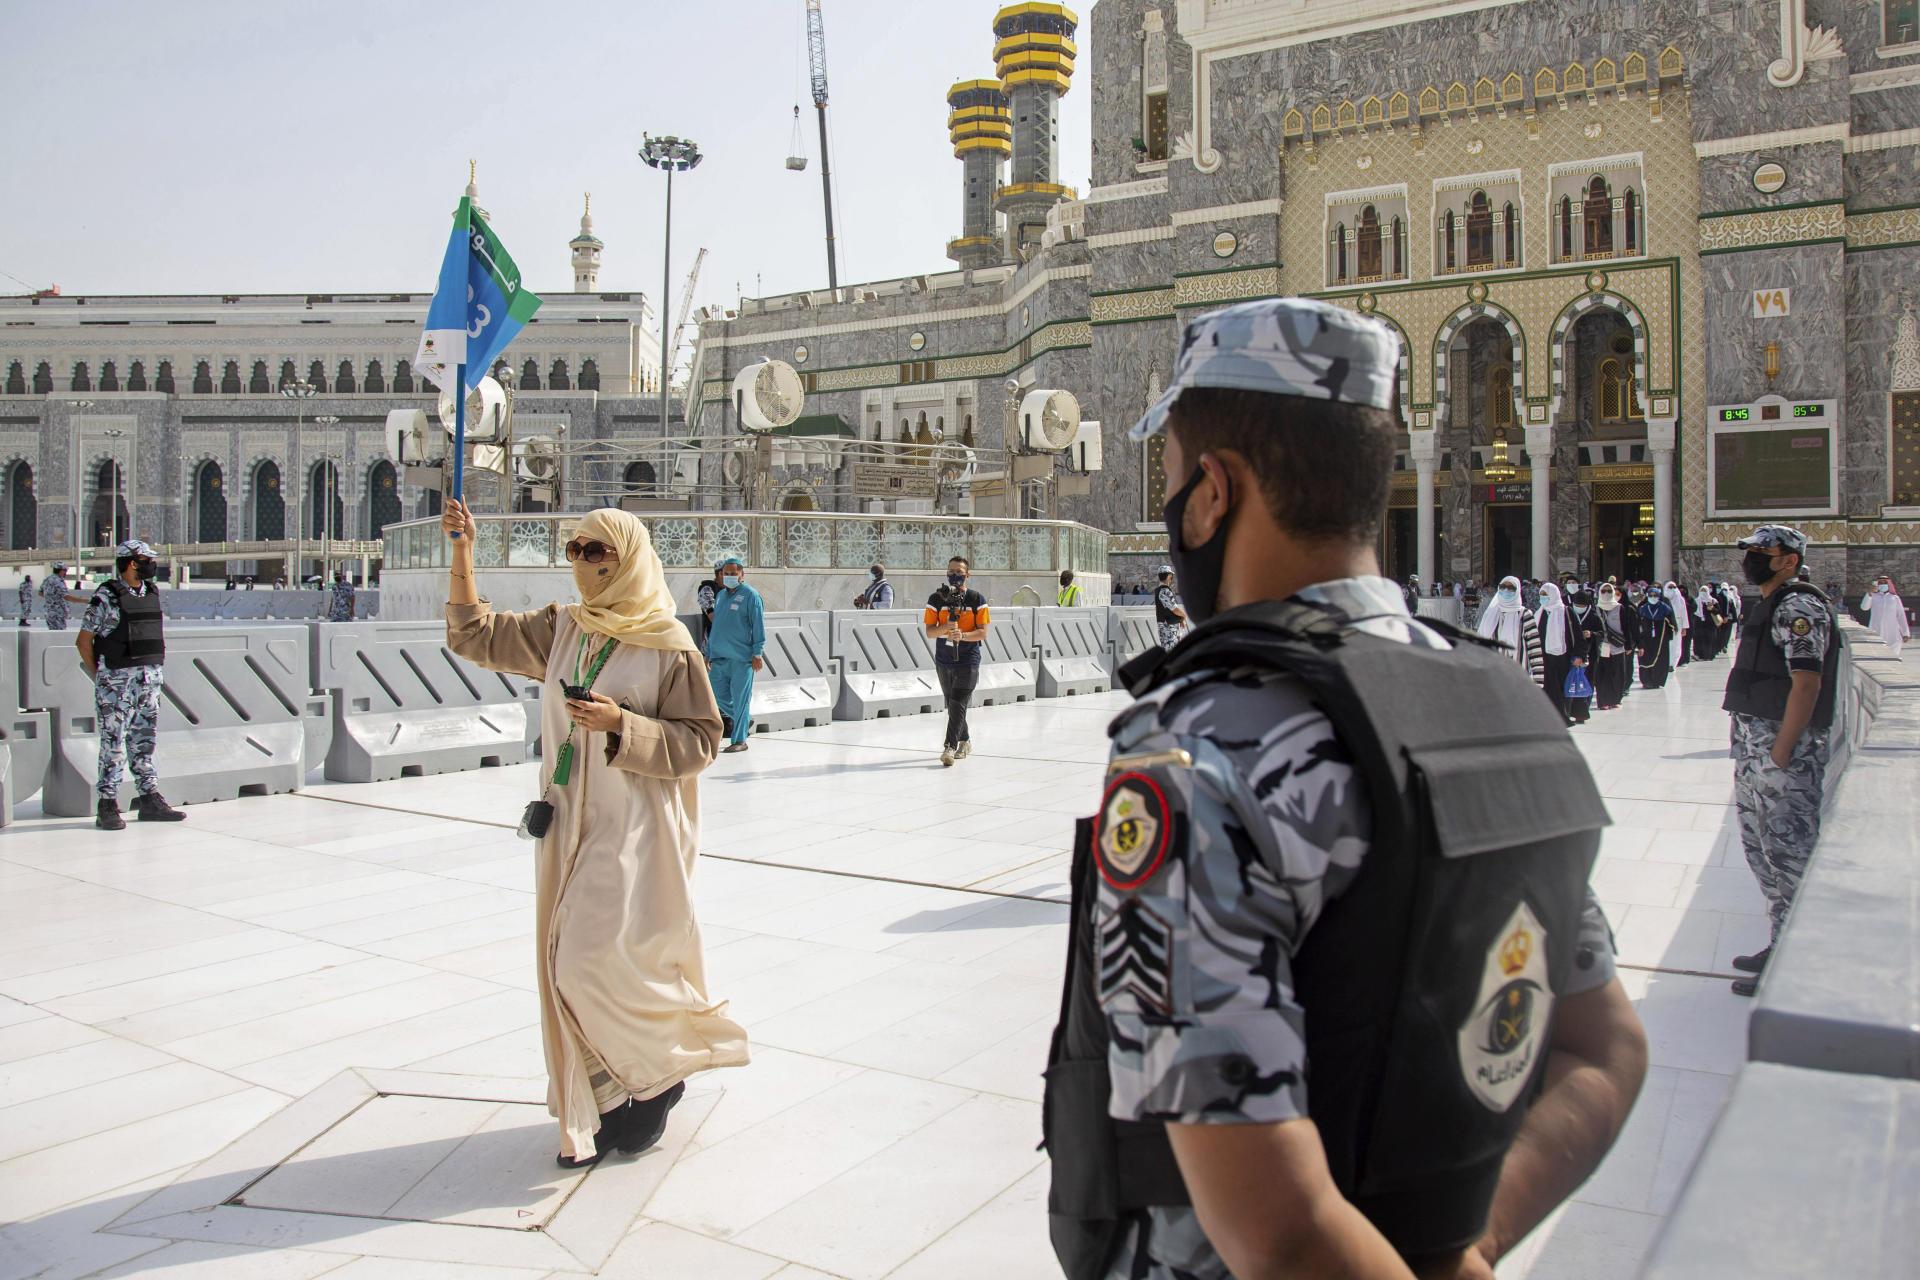 Les fidèles arrivent à la Grande Mosquée sous l'œil de policiers et autres officiels.